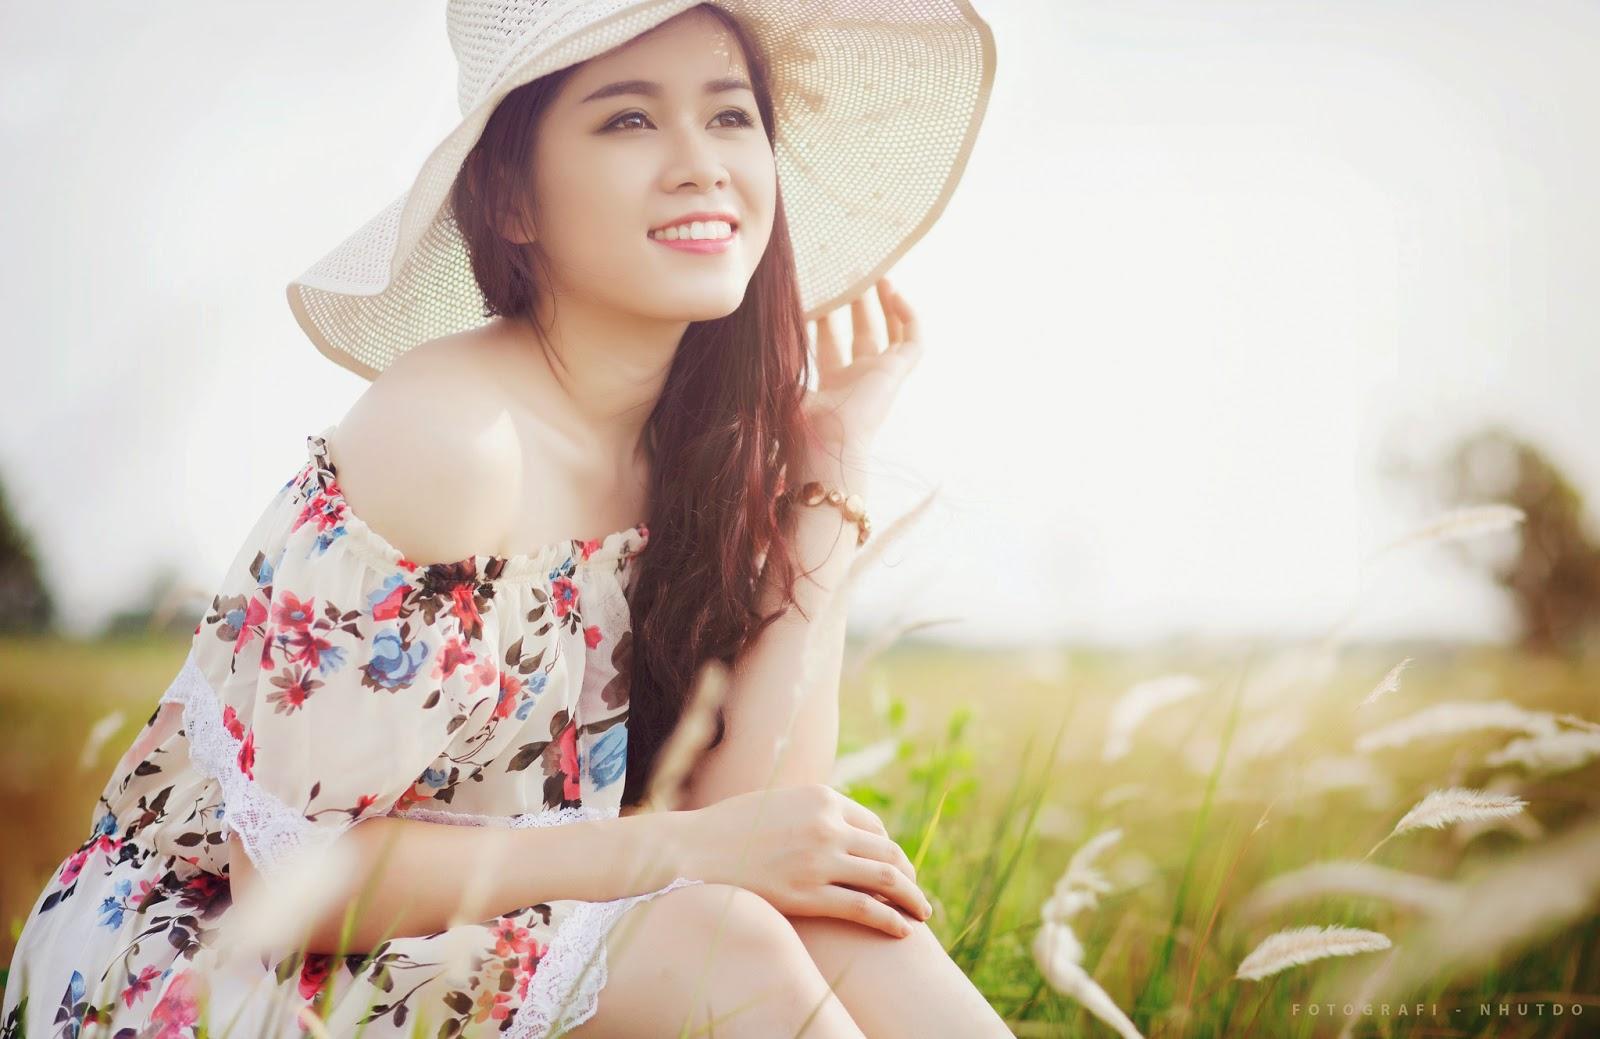 Ảnh đẹp girl xinh Việt Nam Việt Nam -Ảnh 16